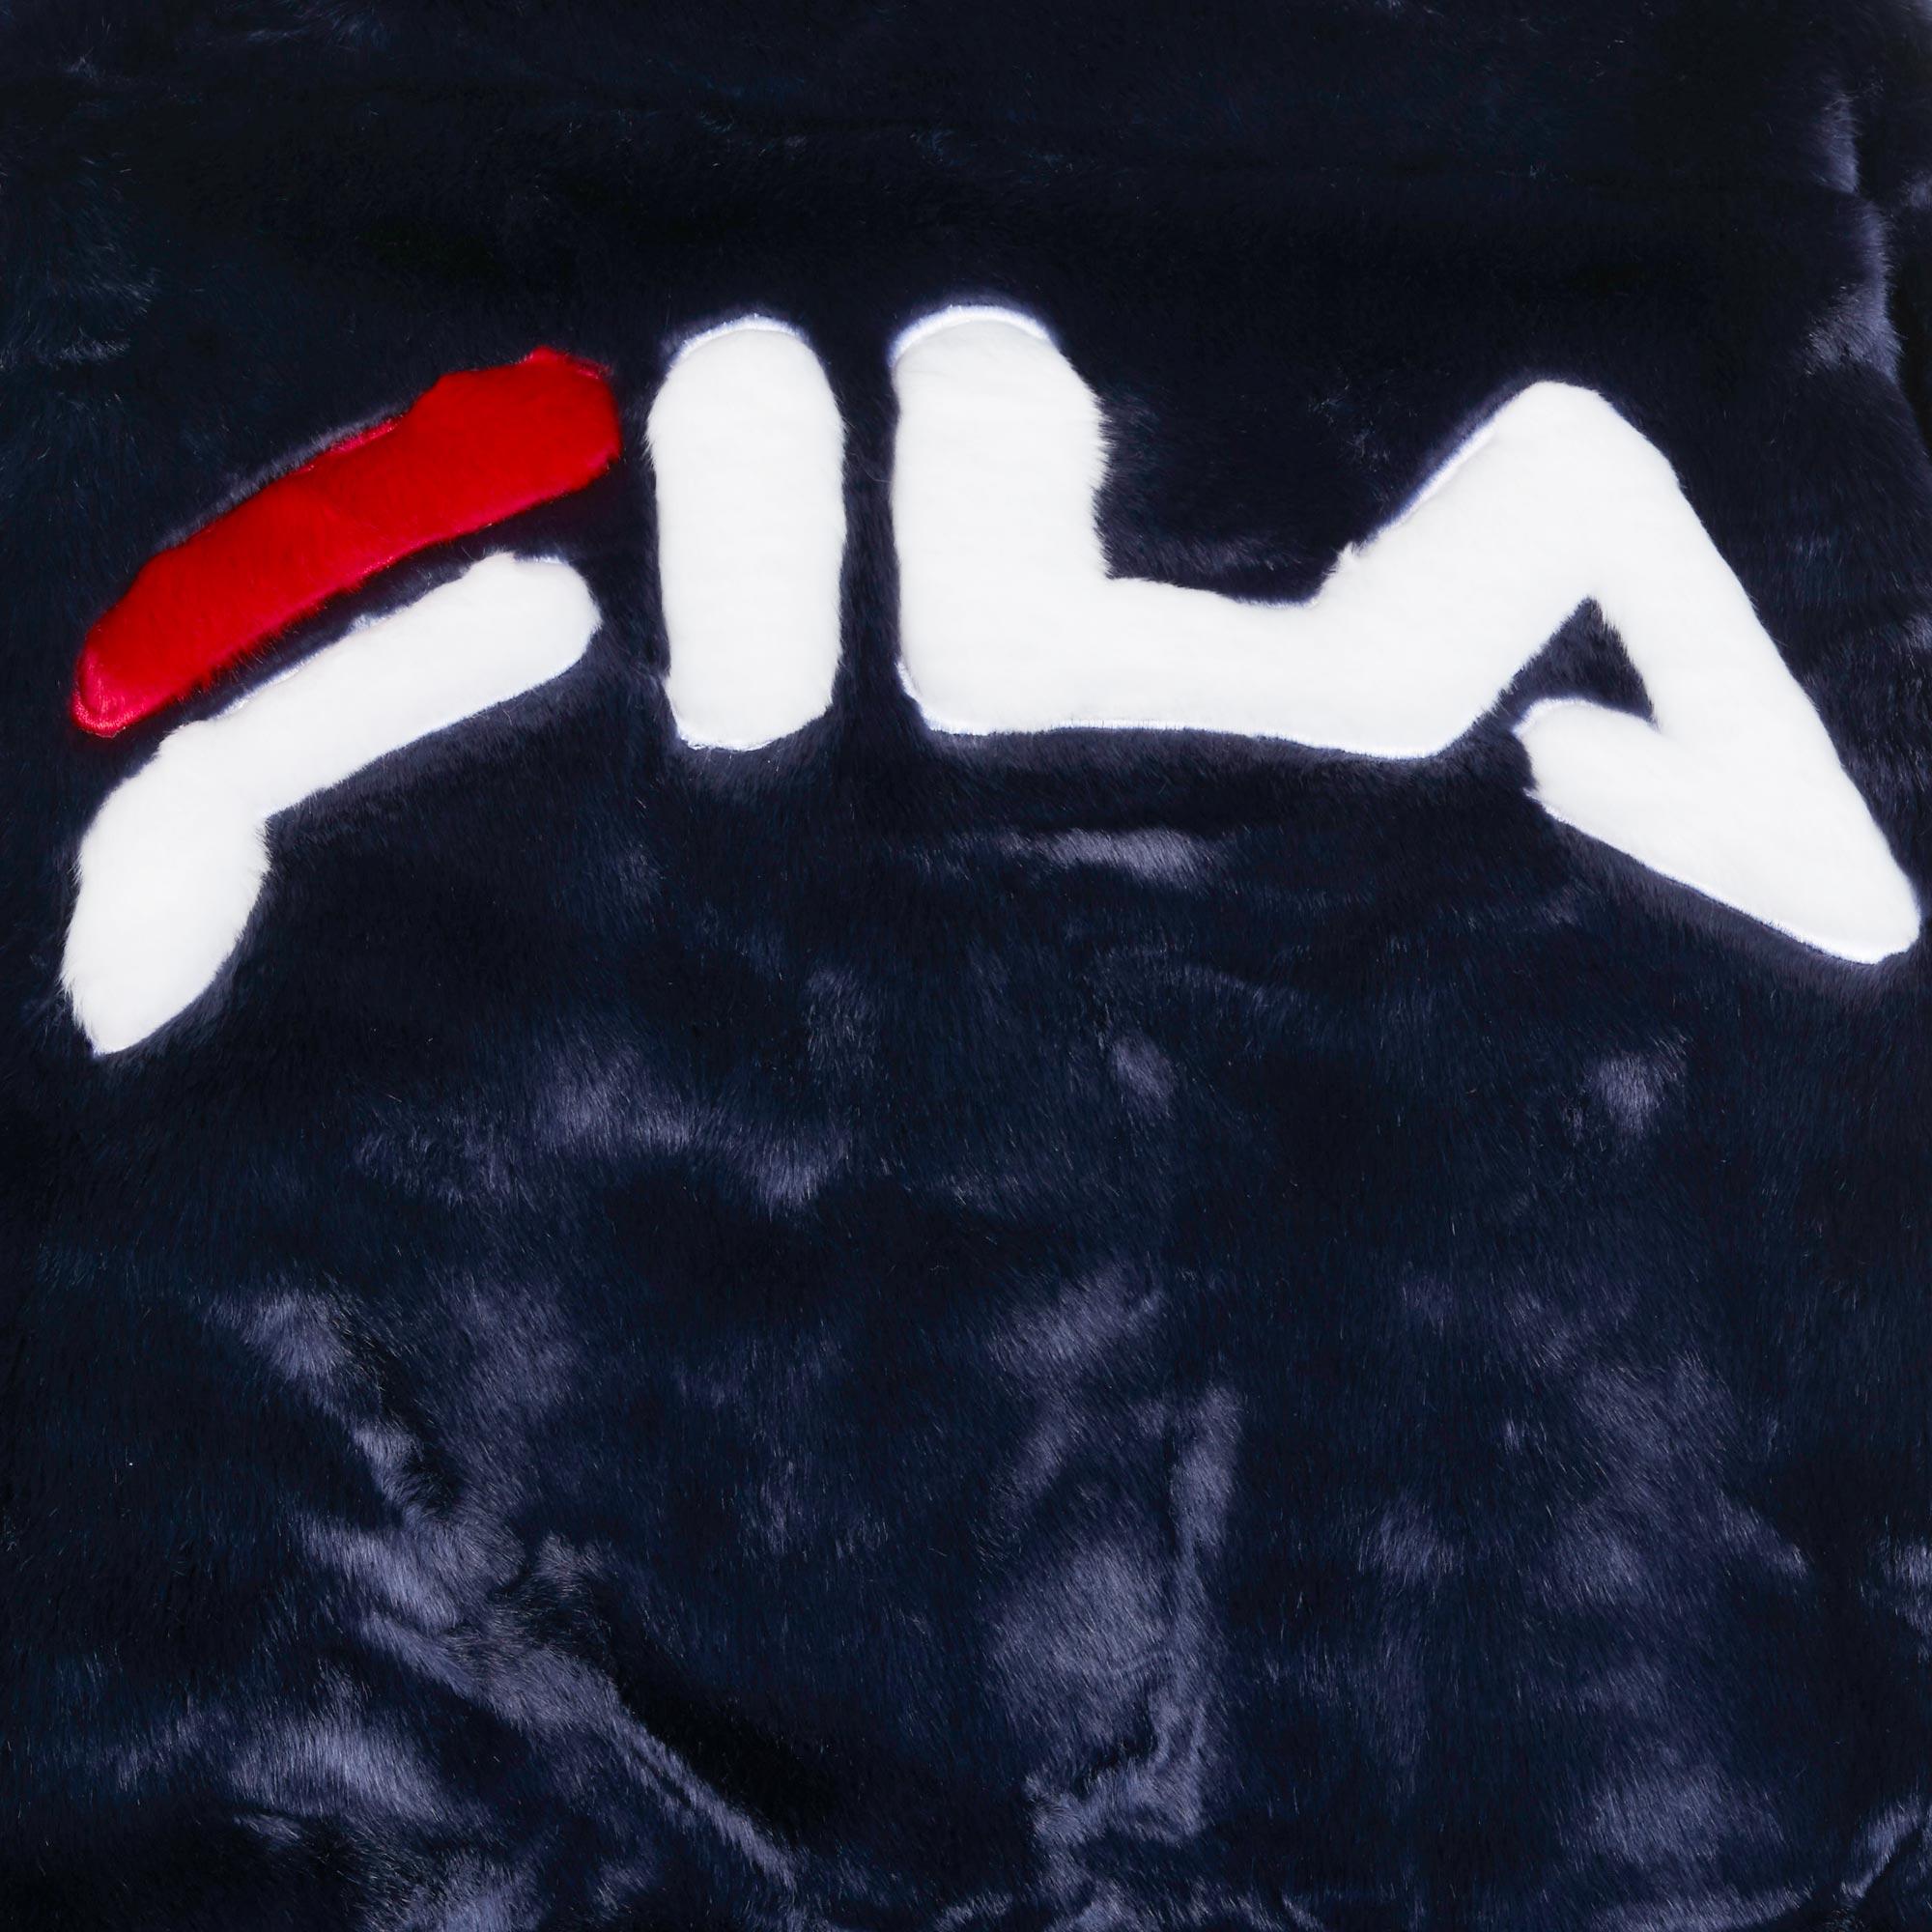 f31b80a7 Fila Arianna Fur Jacket - Lw183y77-410 - Sneakersnstuff ...